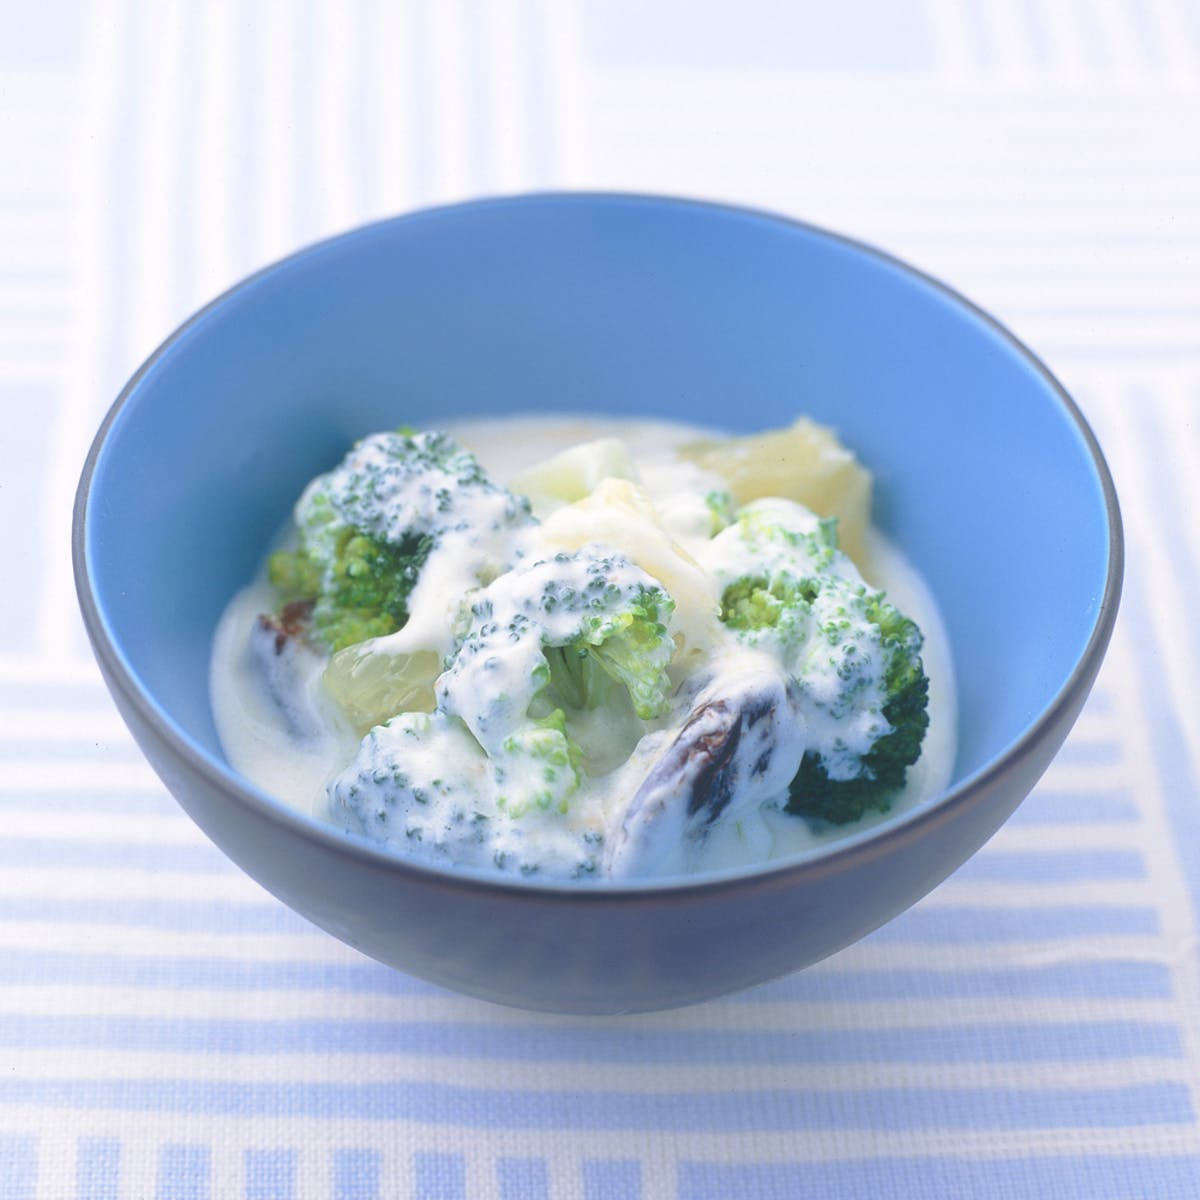 ブロッコリーのヨーグルトサラダ